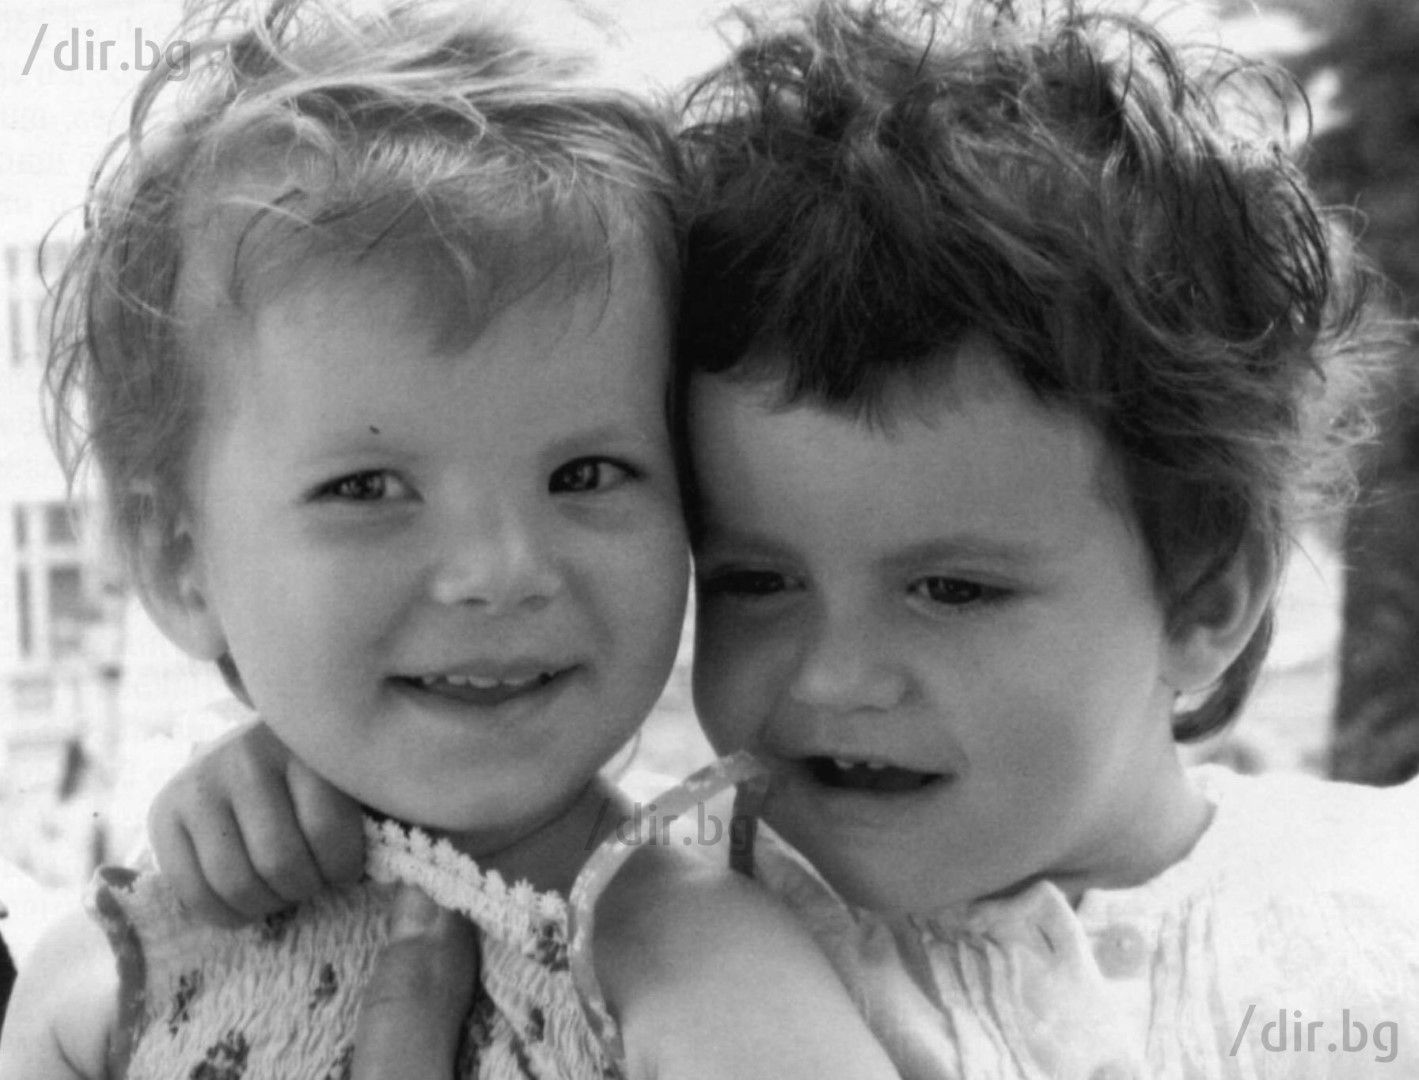 Дъщерите на Георги и Мая - Криста и Андреа, на кръщенето им. Осиновяват ги броени месеци преди екзекуцията на боса на ВИС.